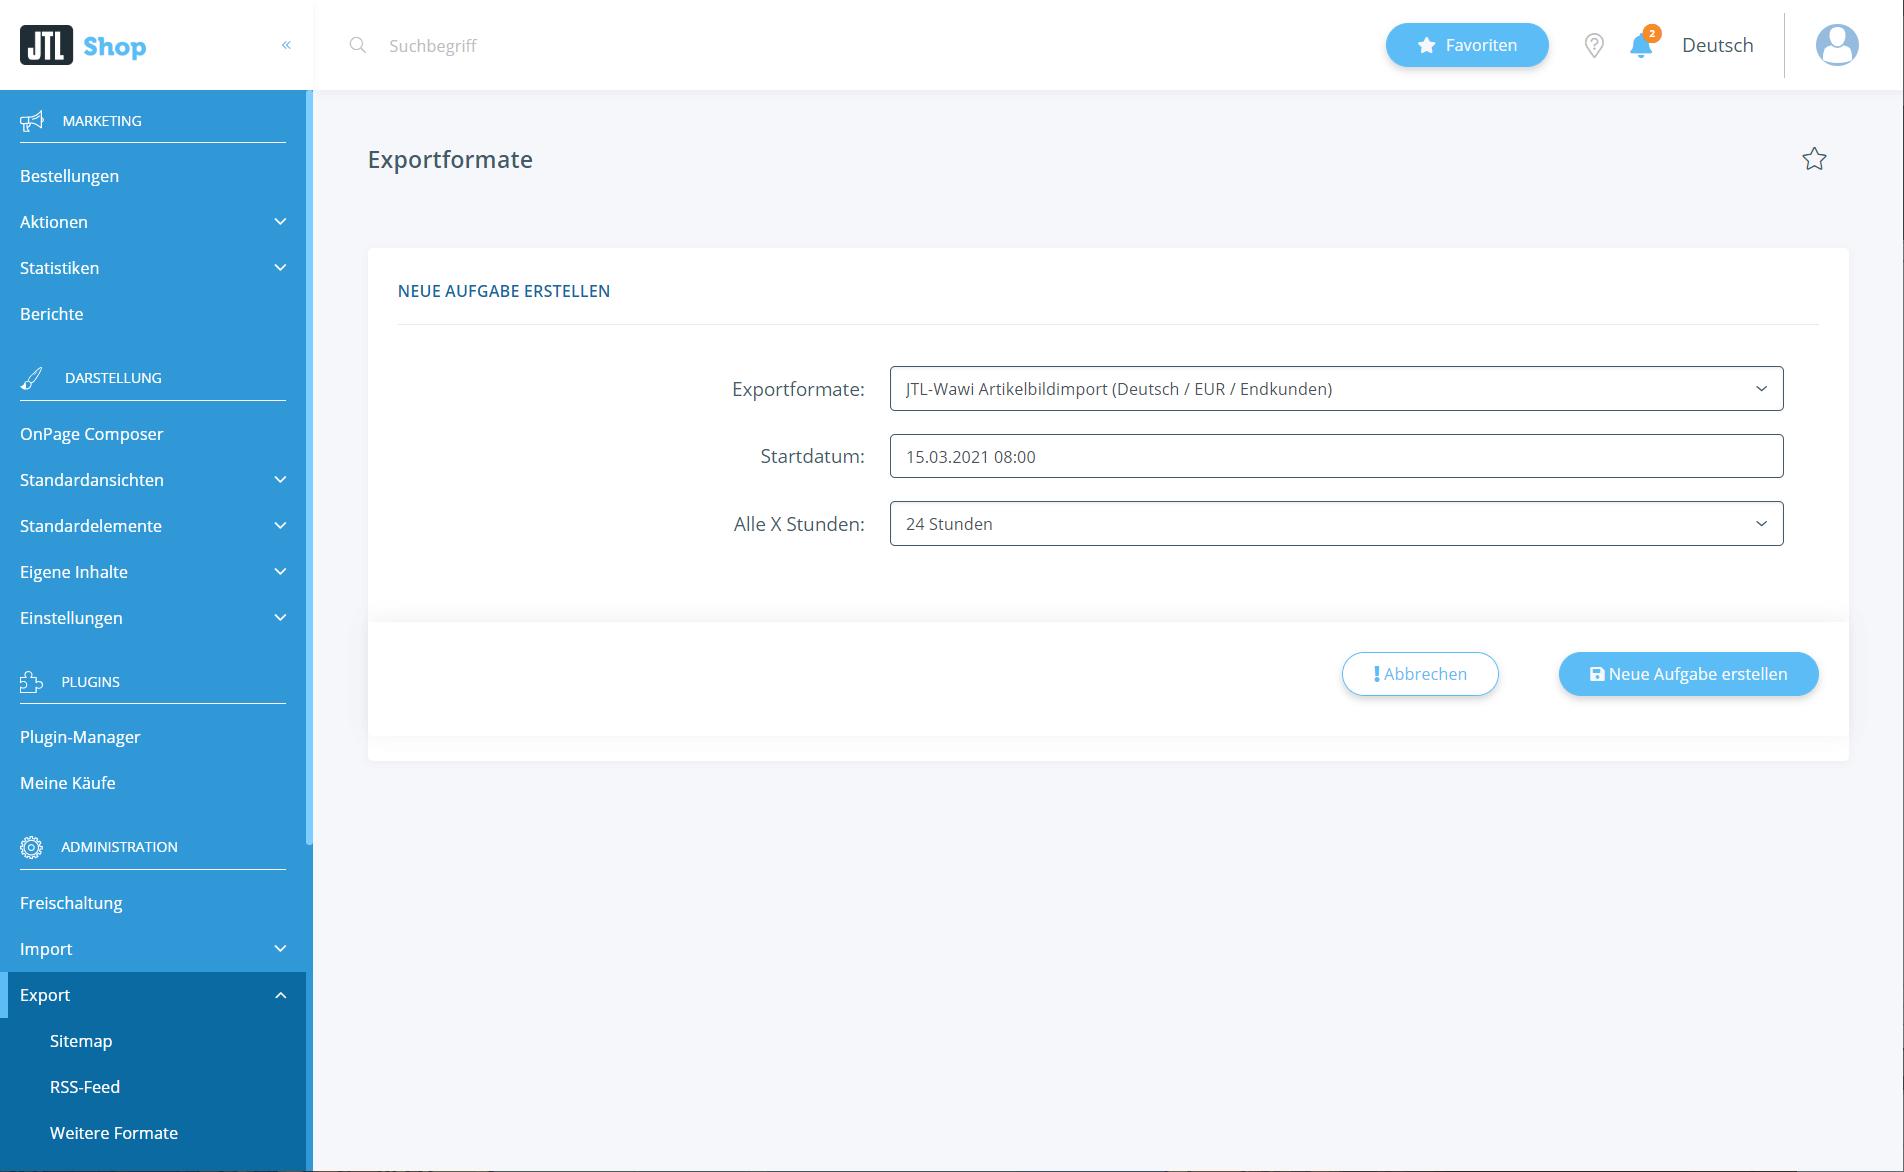 Aufgabenplaner für Exportformate